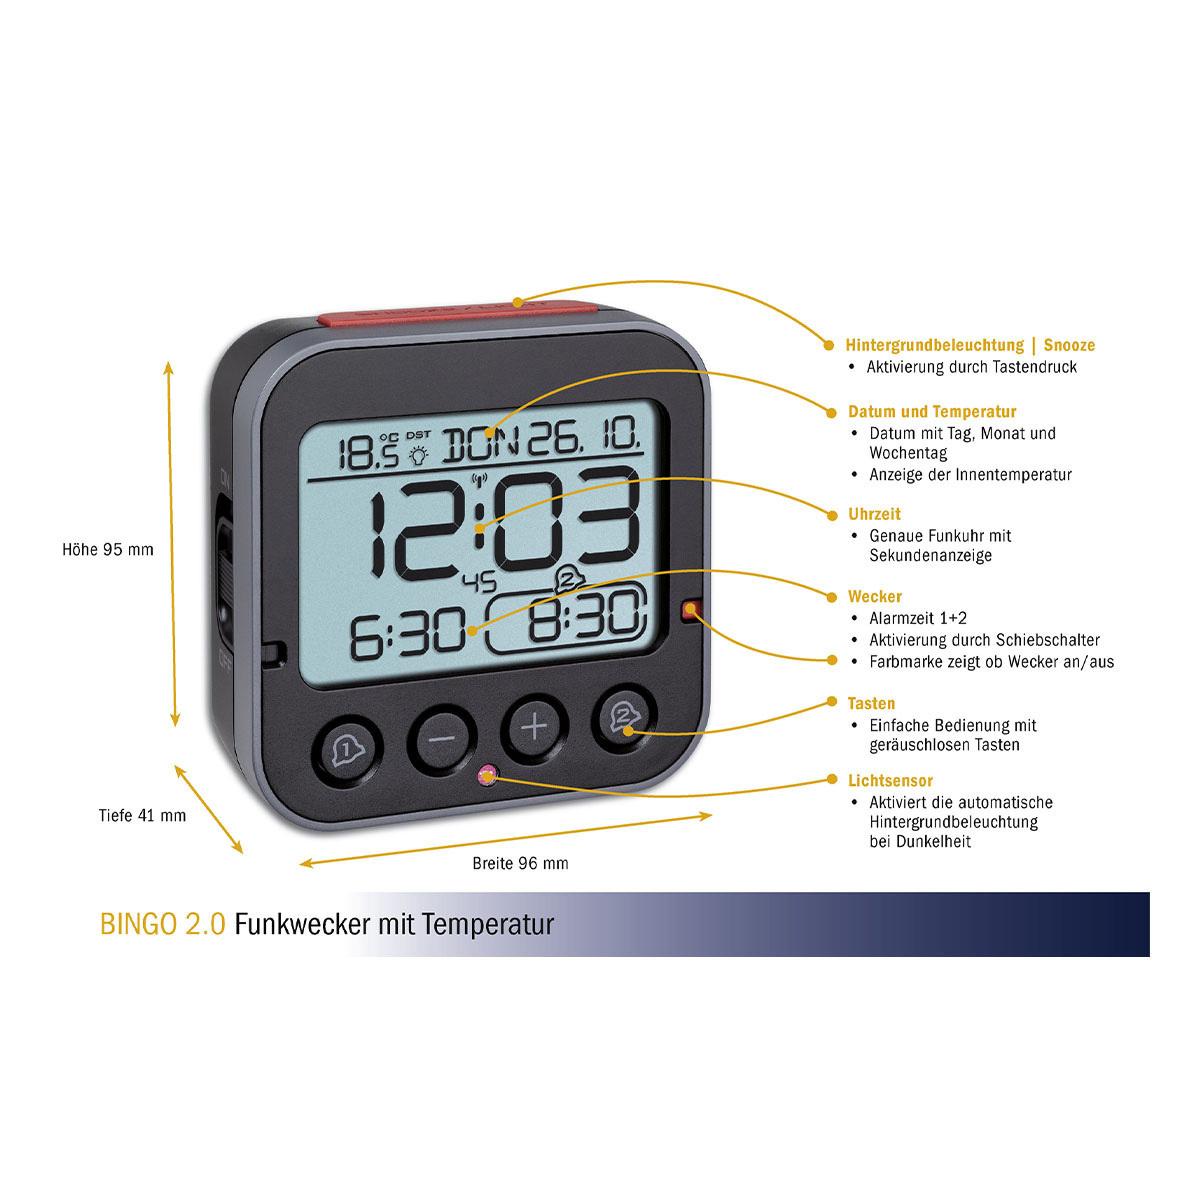 60-2550-01-digitaler-funk-wecker-mit-temperatur-bingo-2-0-abmessungen-1200x1200px.jpg